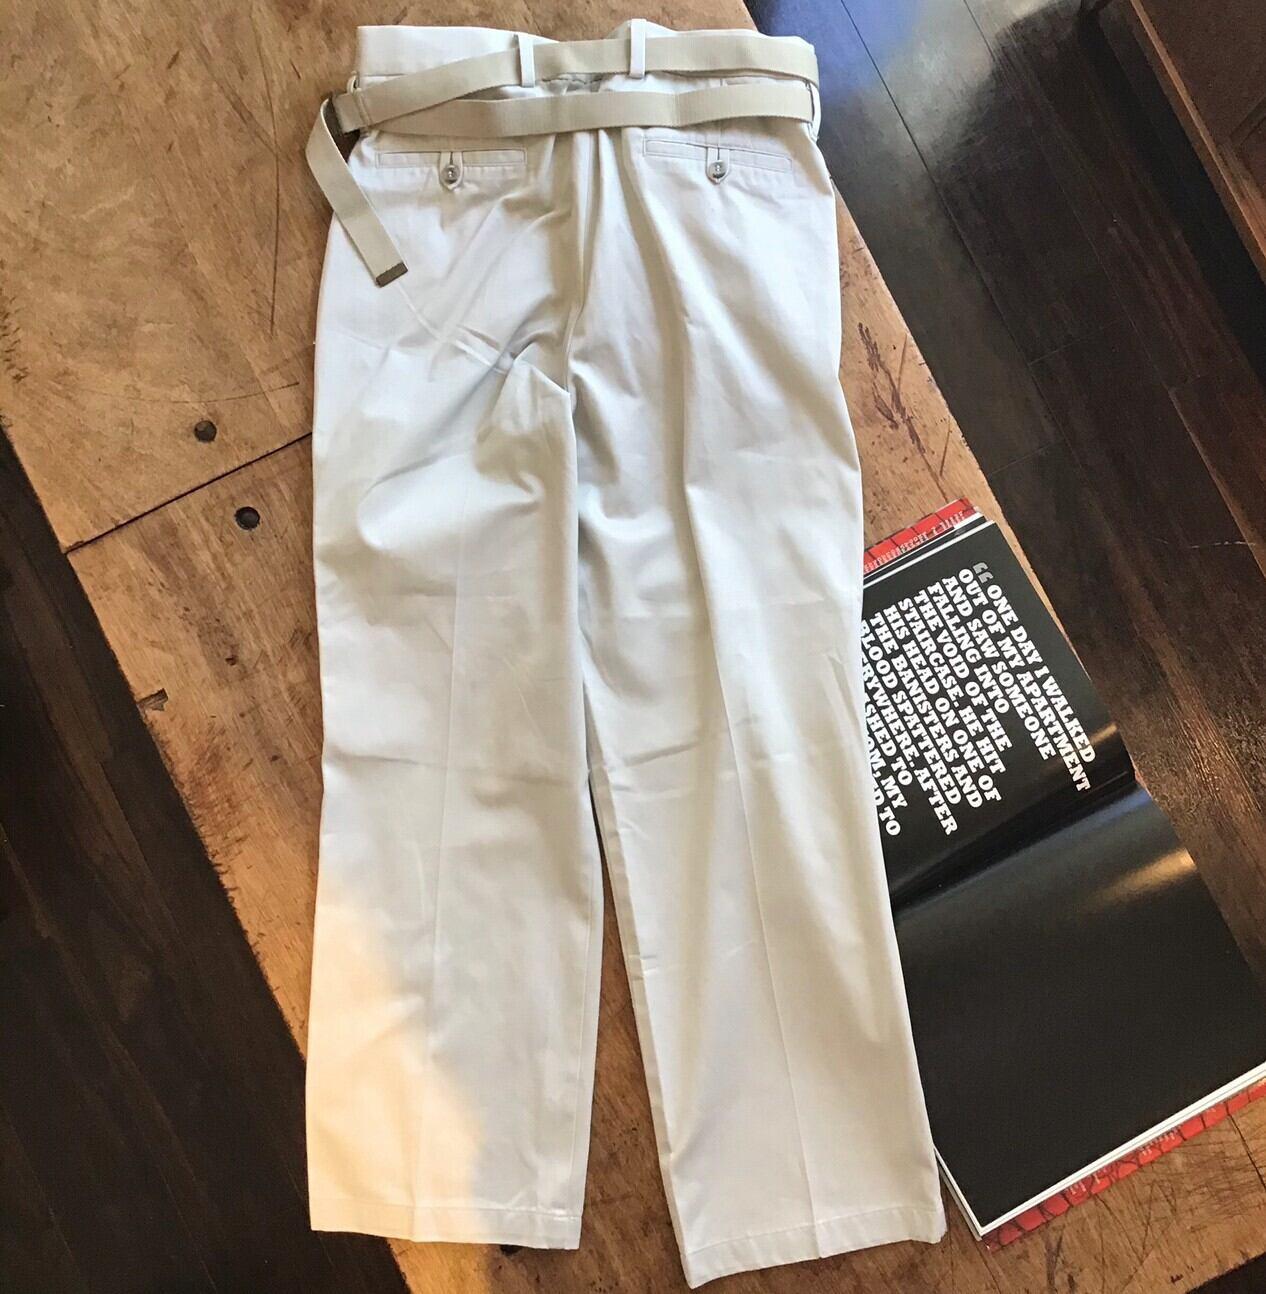 MAISON EUREKA VINTEGE REWORK CHINOS color beige size S